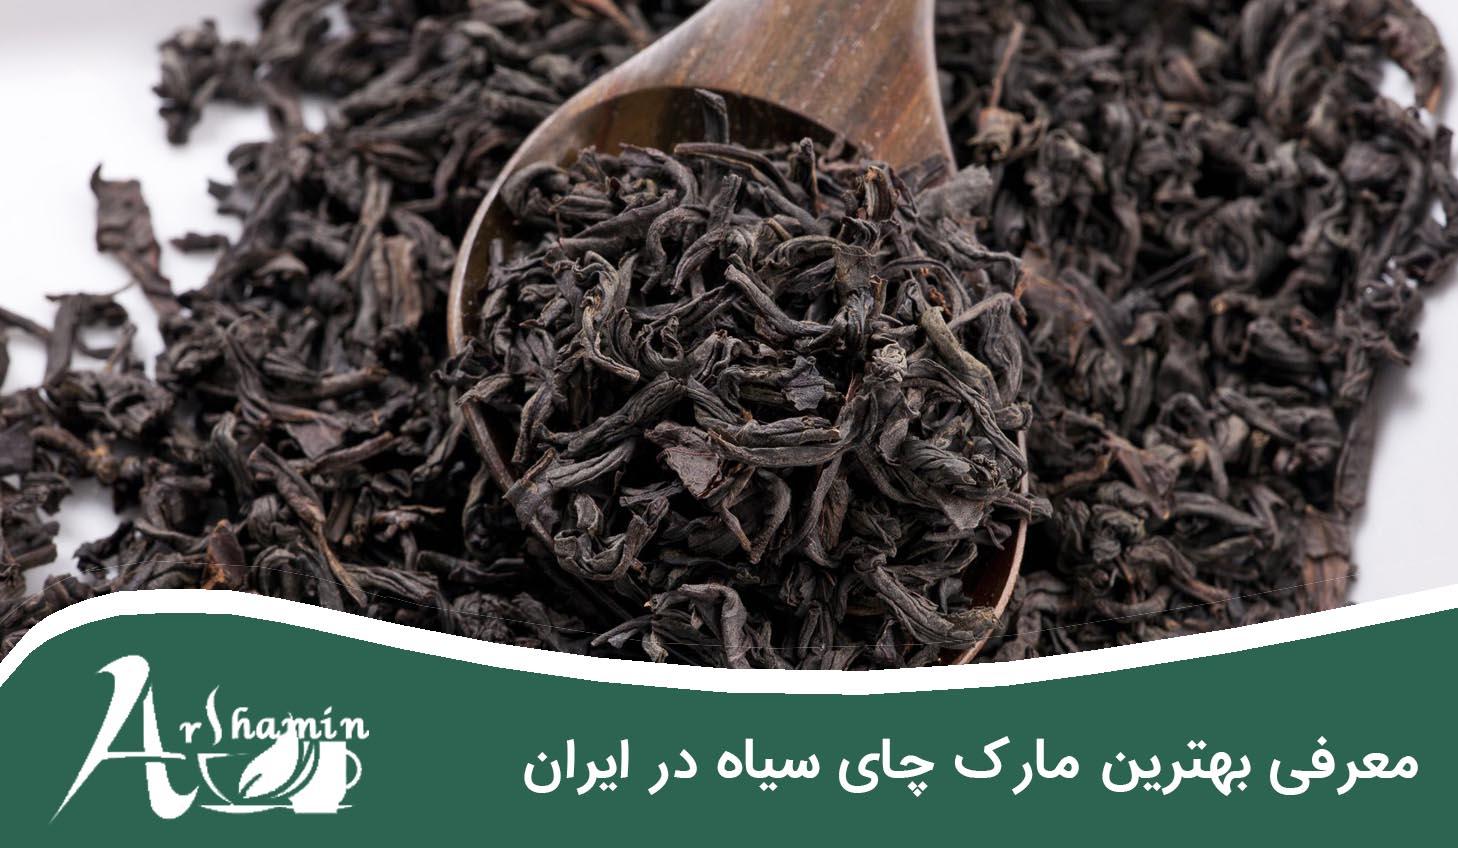 بهترین مارک چای سیاه در ایران